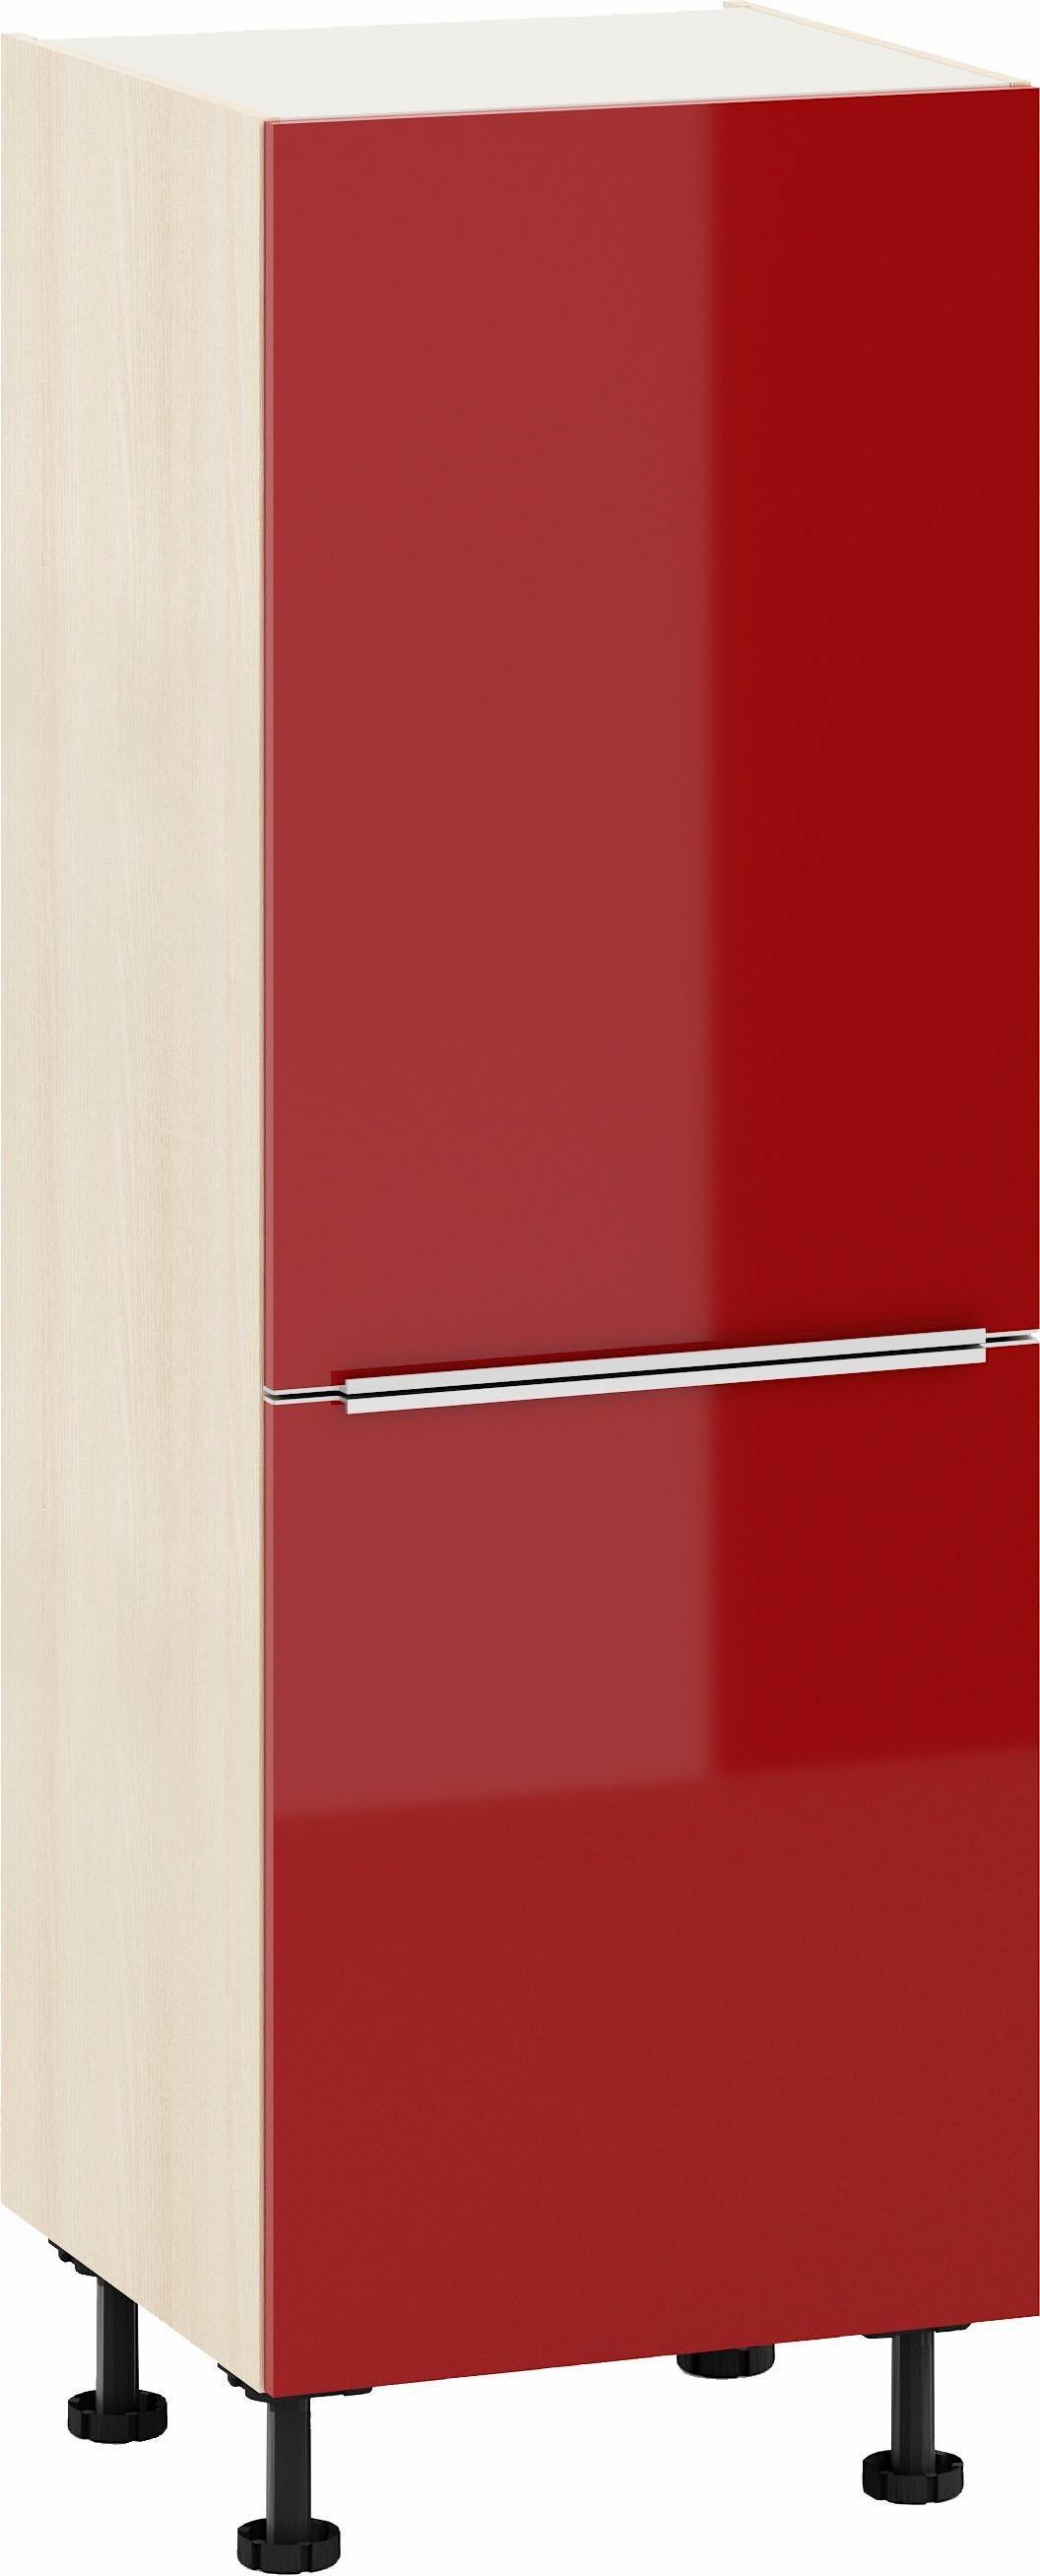 set one by Musterring Seitenschrank »SG601632«, Breite 60 cm, wählbar mit einem Bügelgriff oder einer Griffleiste   Wohnzimmer > Schränke > Weitere Schränke   Weiß - White - Hell - Schwarz - Dunkel - Grau - Matt - Glanz   Nussbaum - Glänzend - Akazie - Eiche - Holzwerkstoff - Mdf - Melamin   set one by Musterring